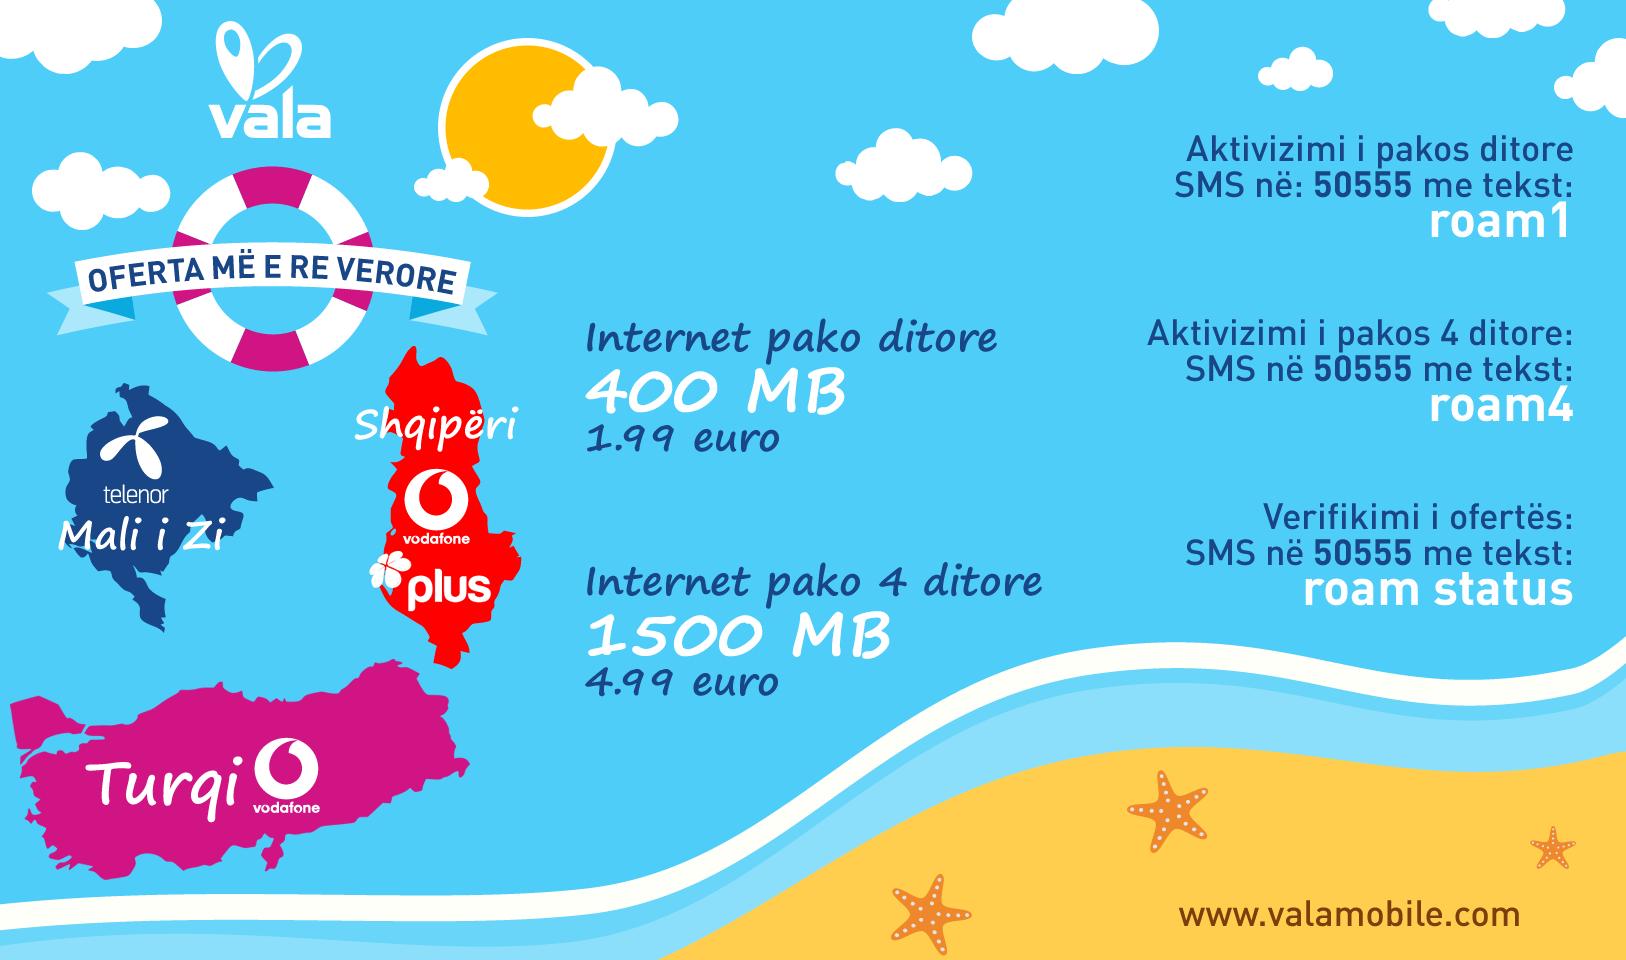 Vala nënshkruan marrëveshje Roaming me Vodafone dhe Telenor në Shqipëri, Turqi dhe Malin e Zi